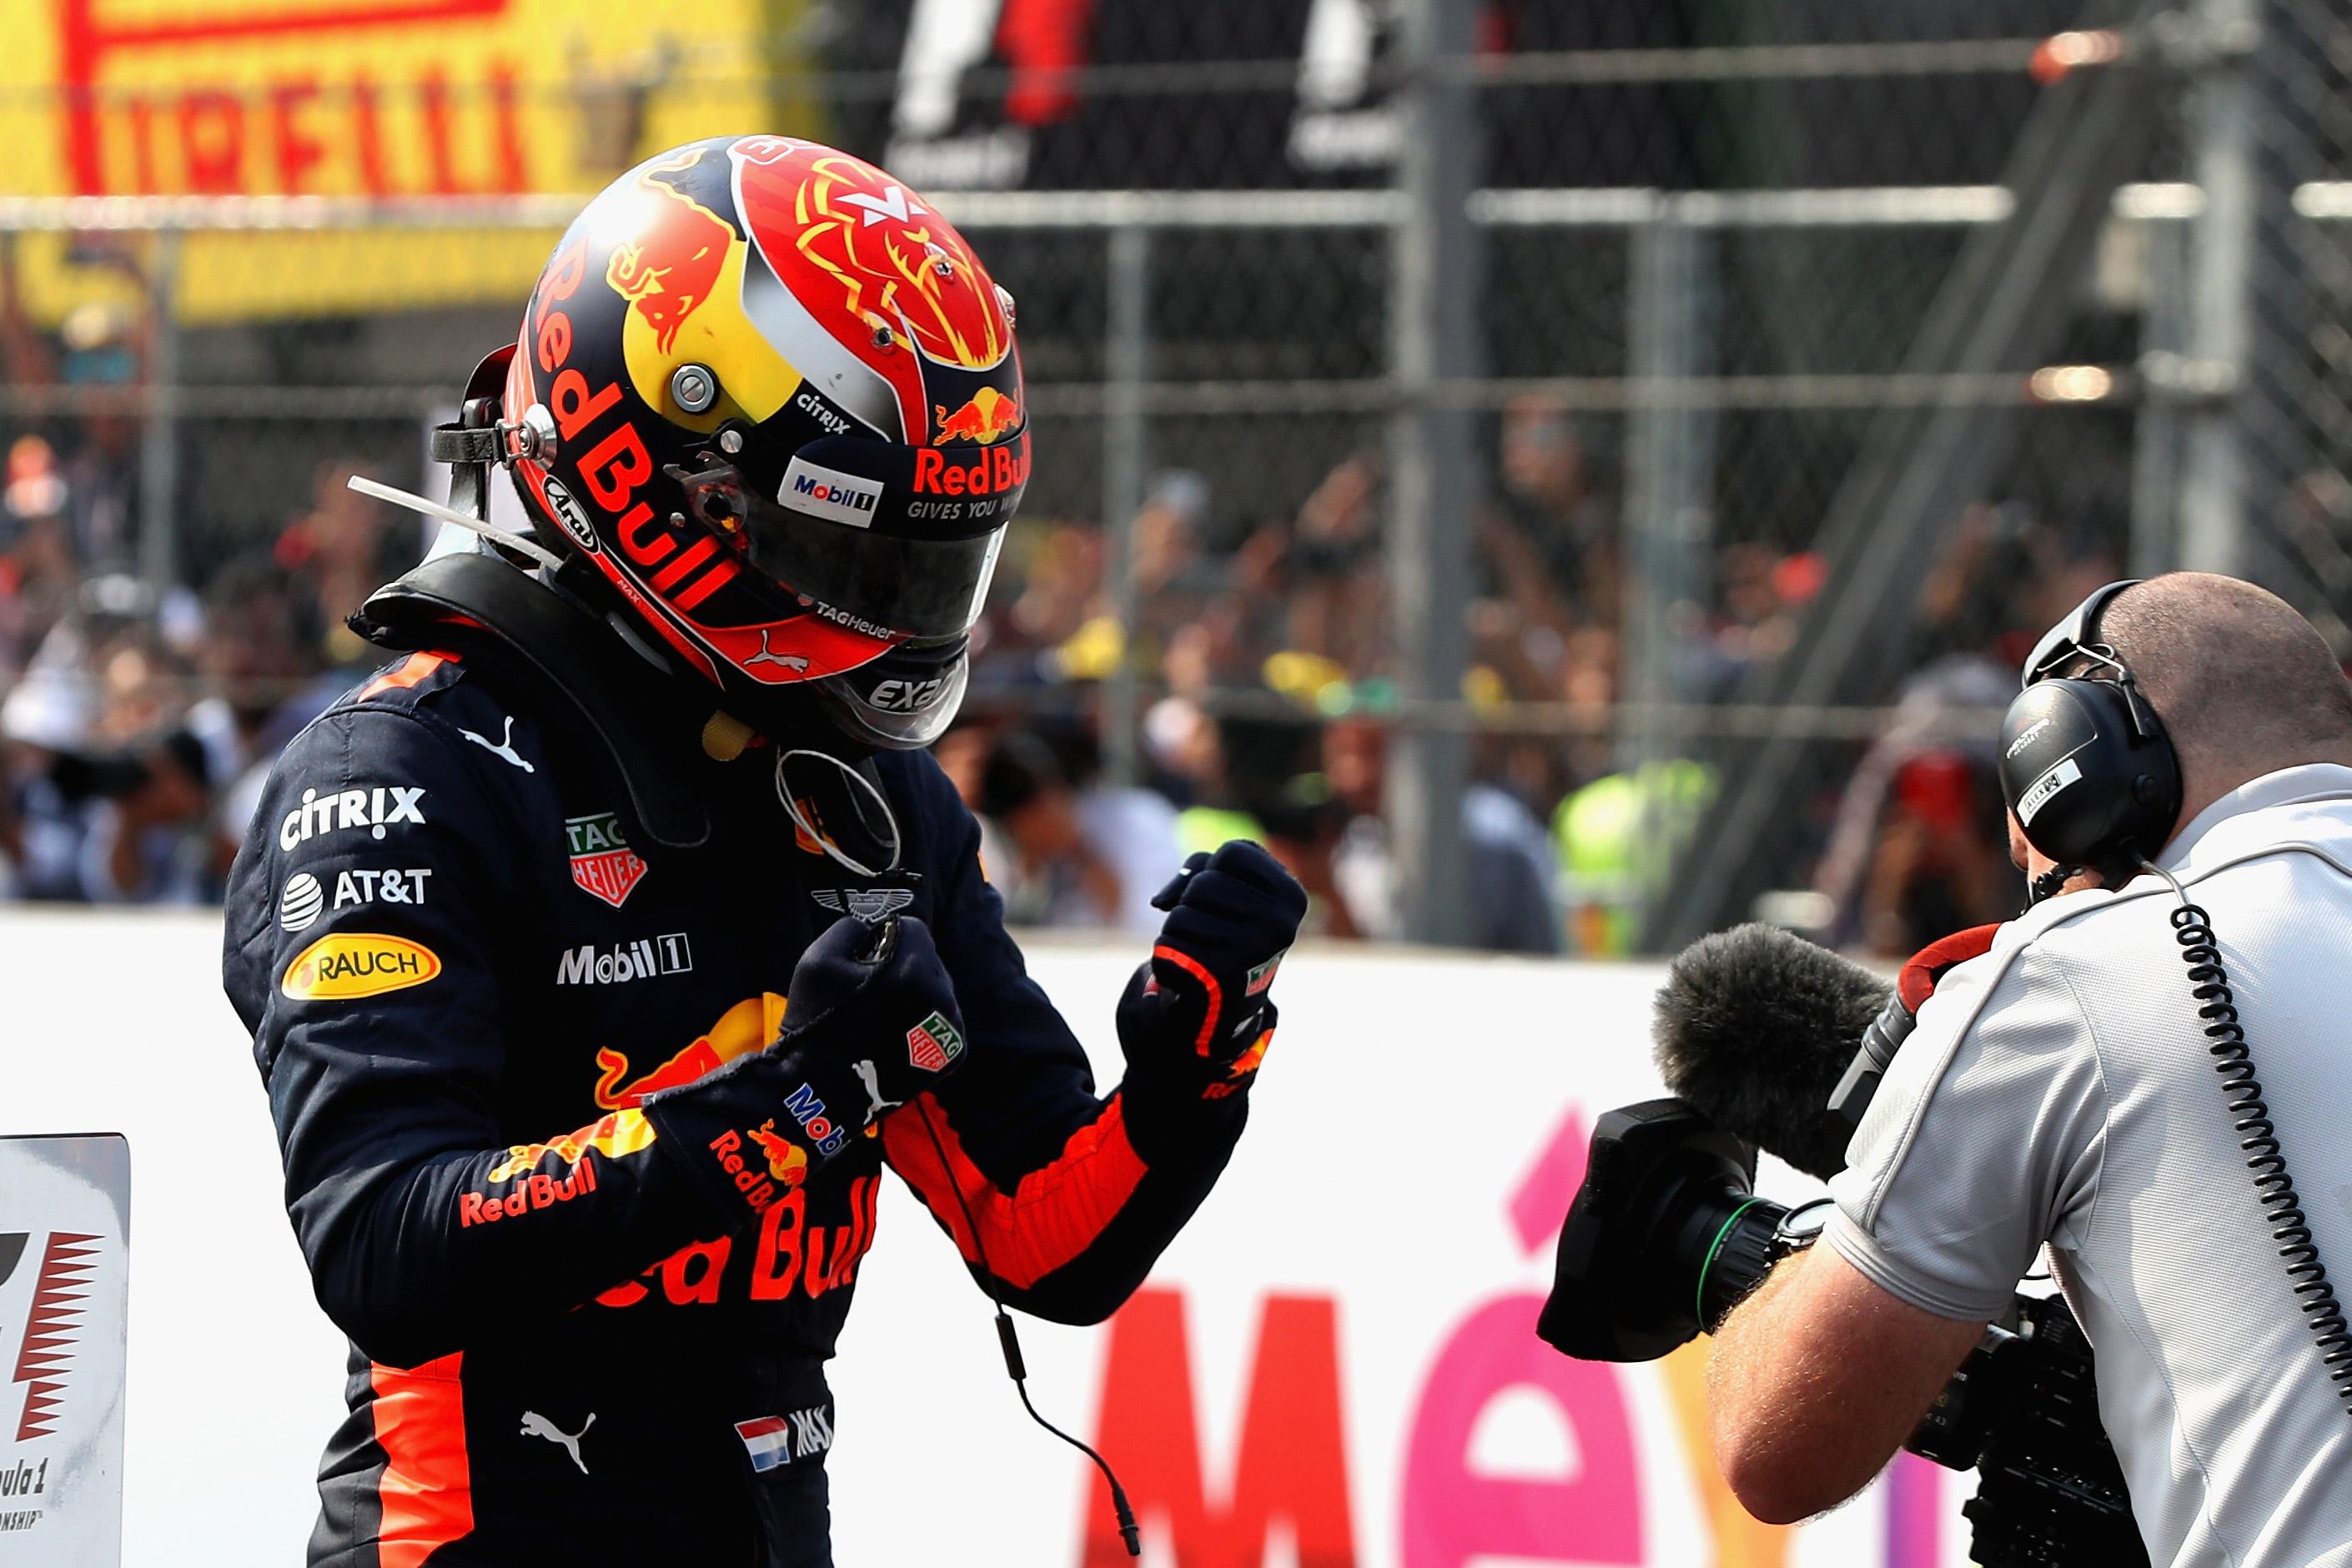 Max Verstappen oppermachtig naar winst in Mexico: